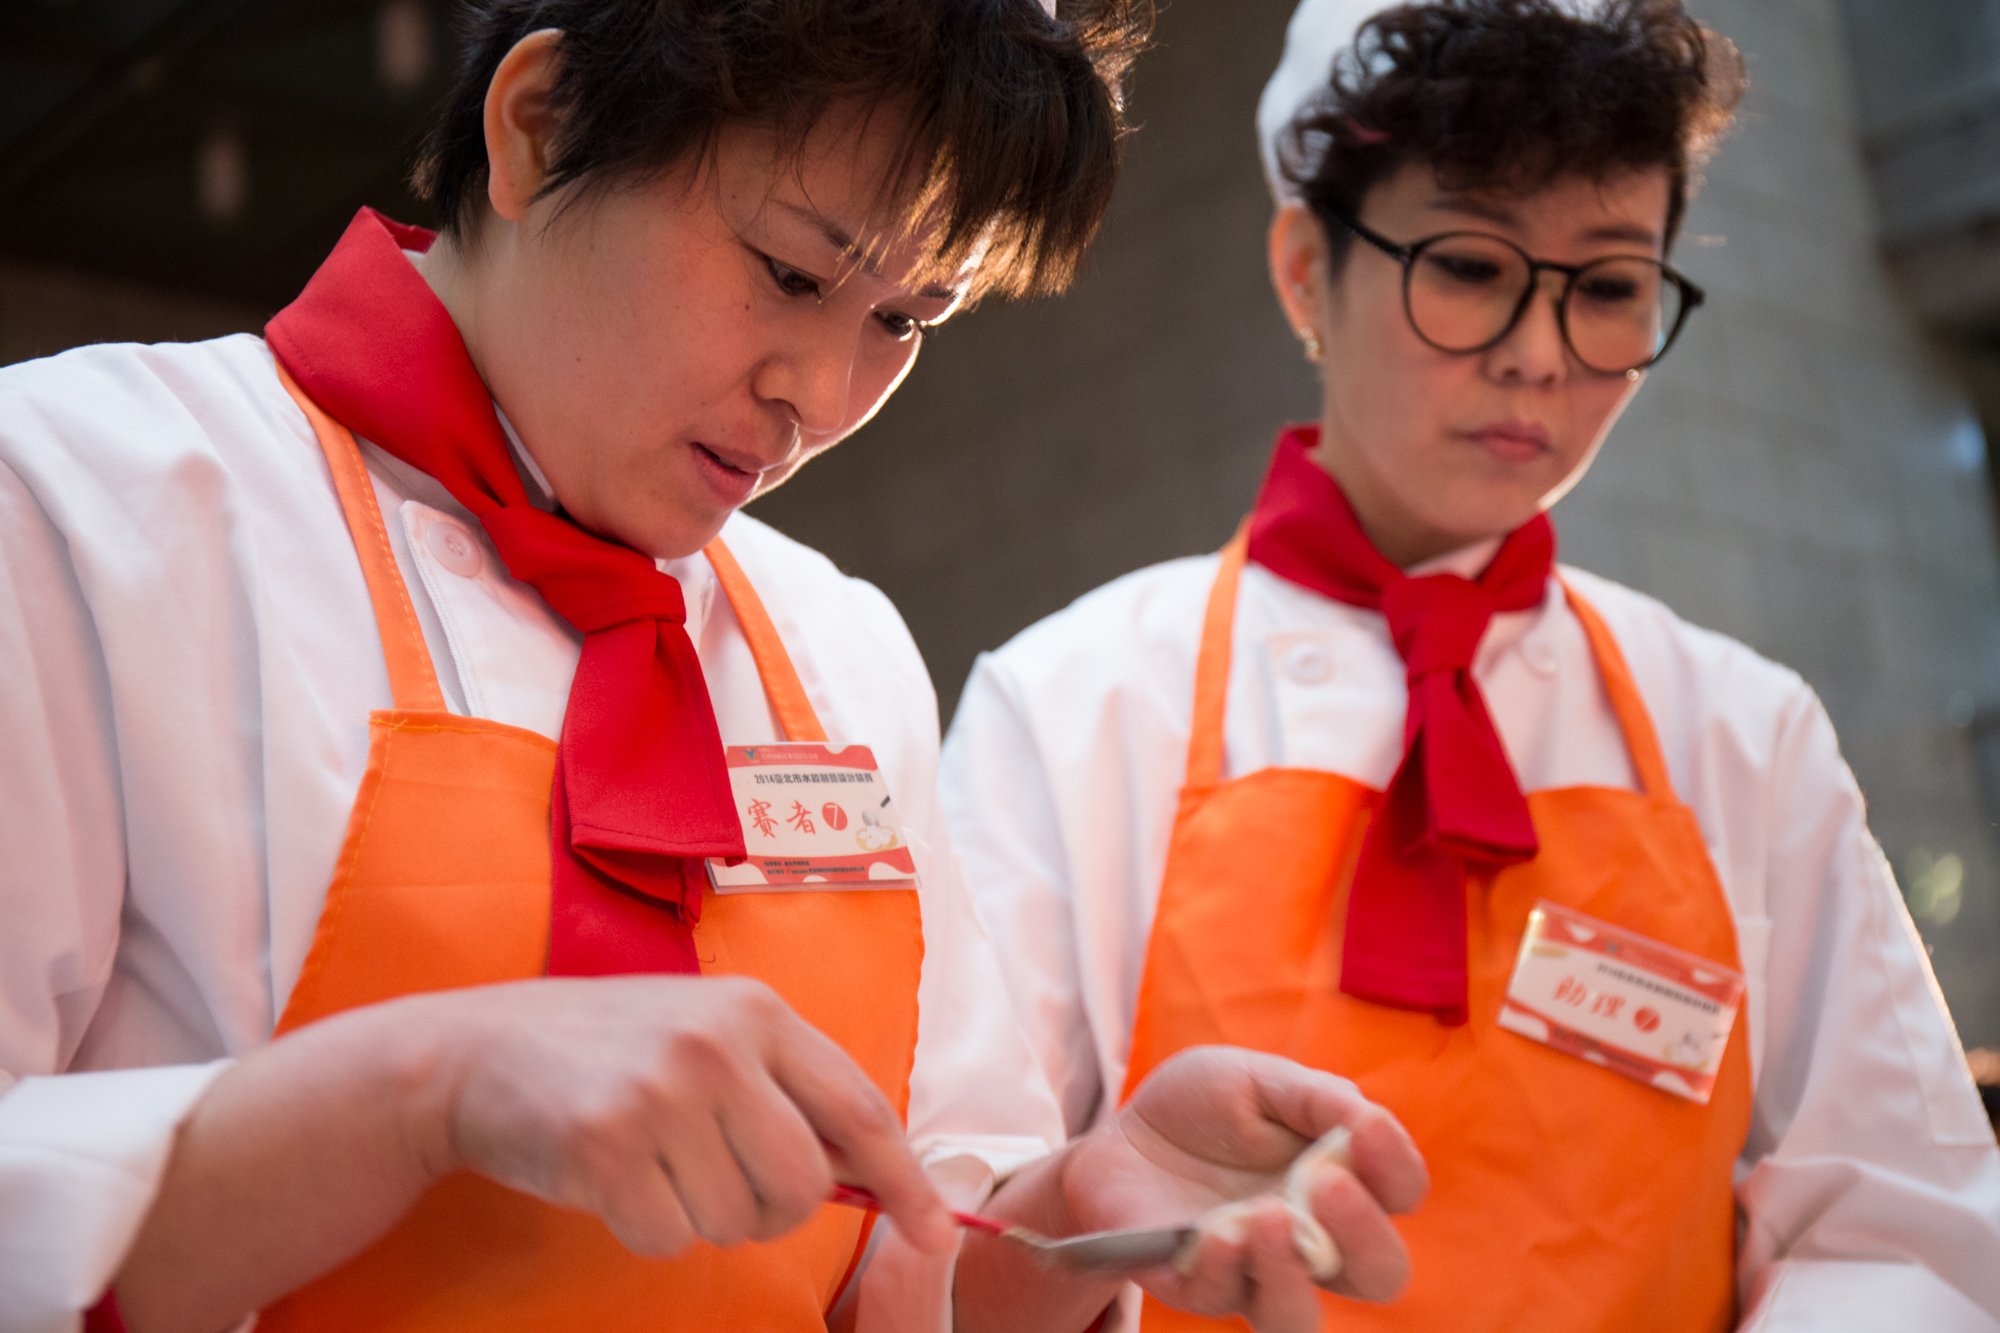 臺北市水餃創意設計競賽,台中婚錄推薦34